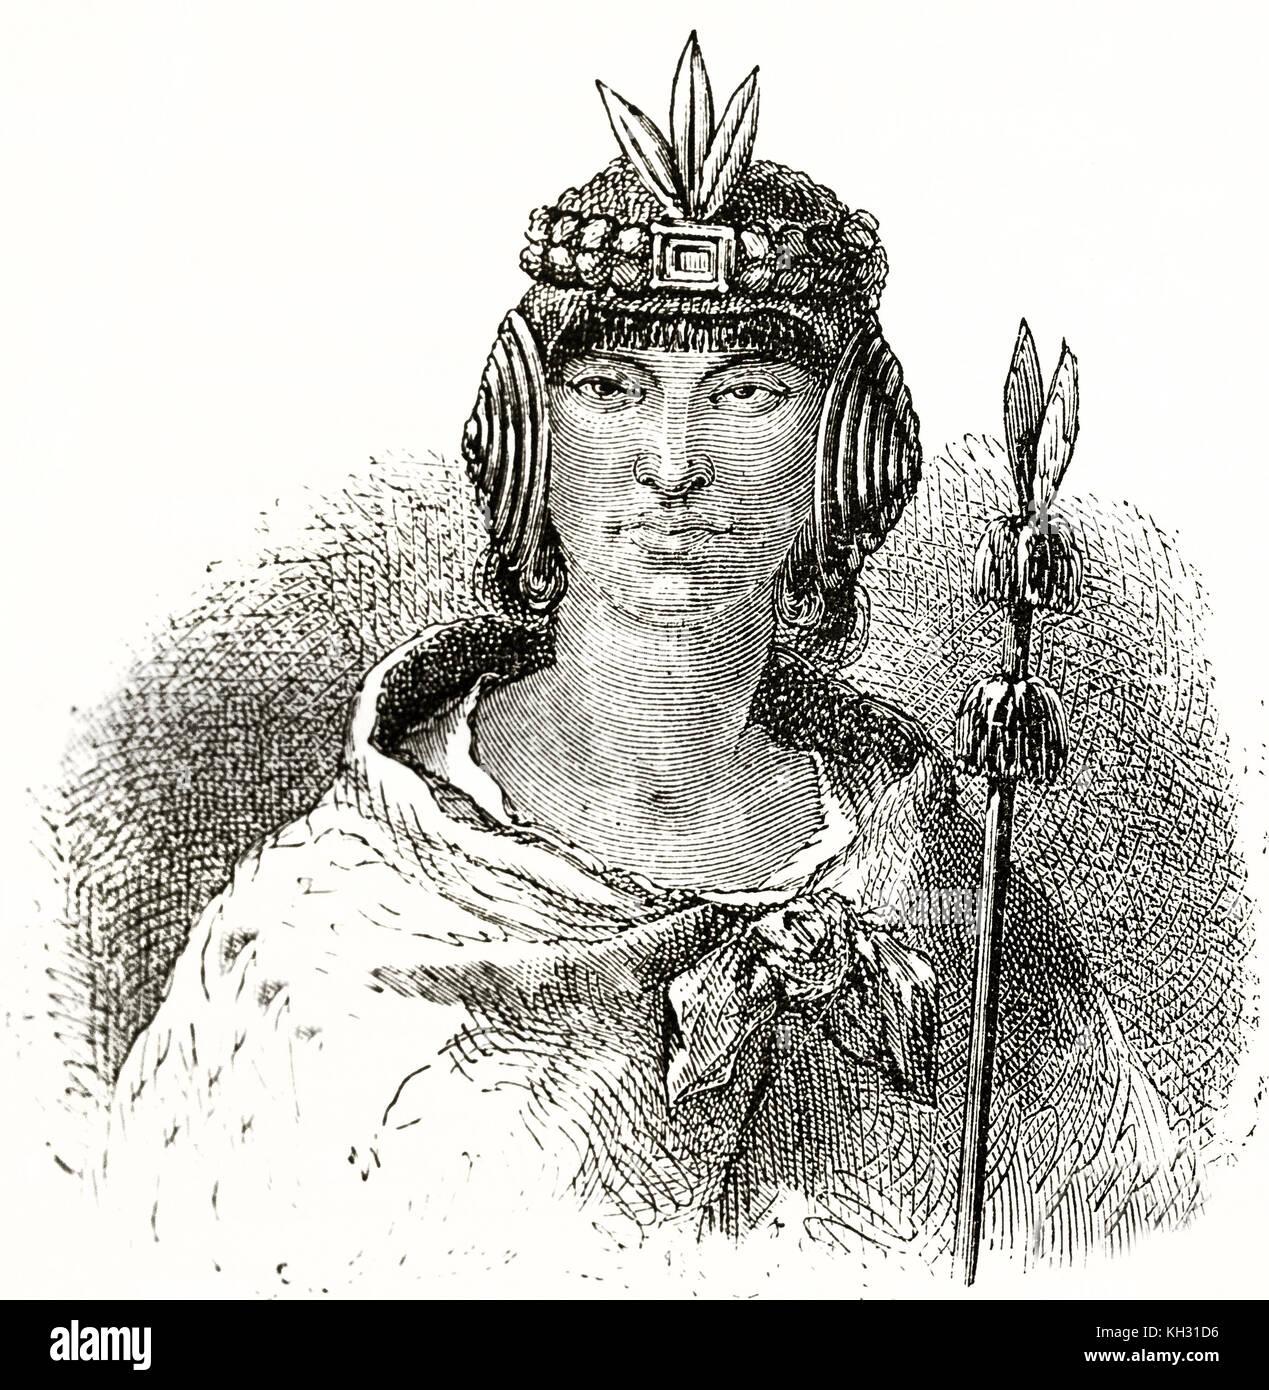 Old engraved portrait of Lloque Yupanqui (13th century) third Sapa Inca. By Riou, publ. on le Tour du Monde, Paris, - Stock Image